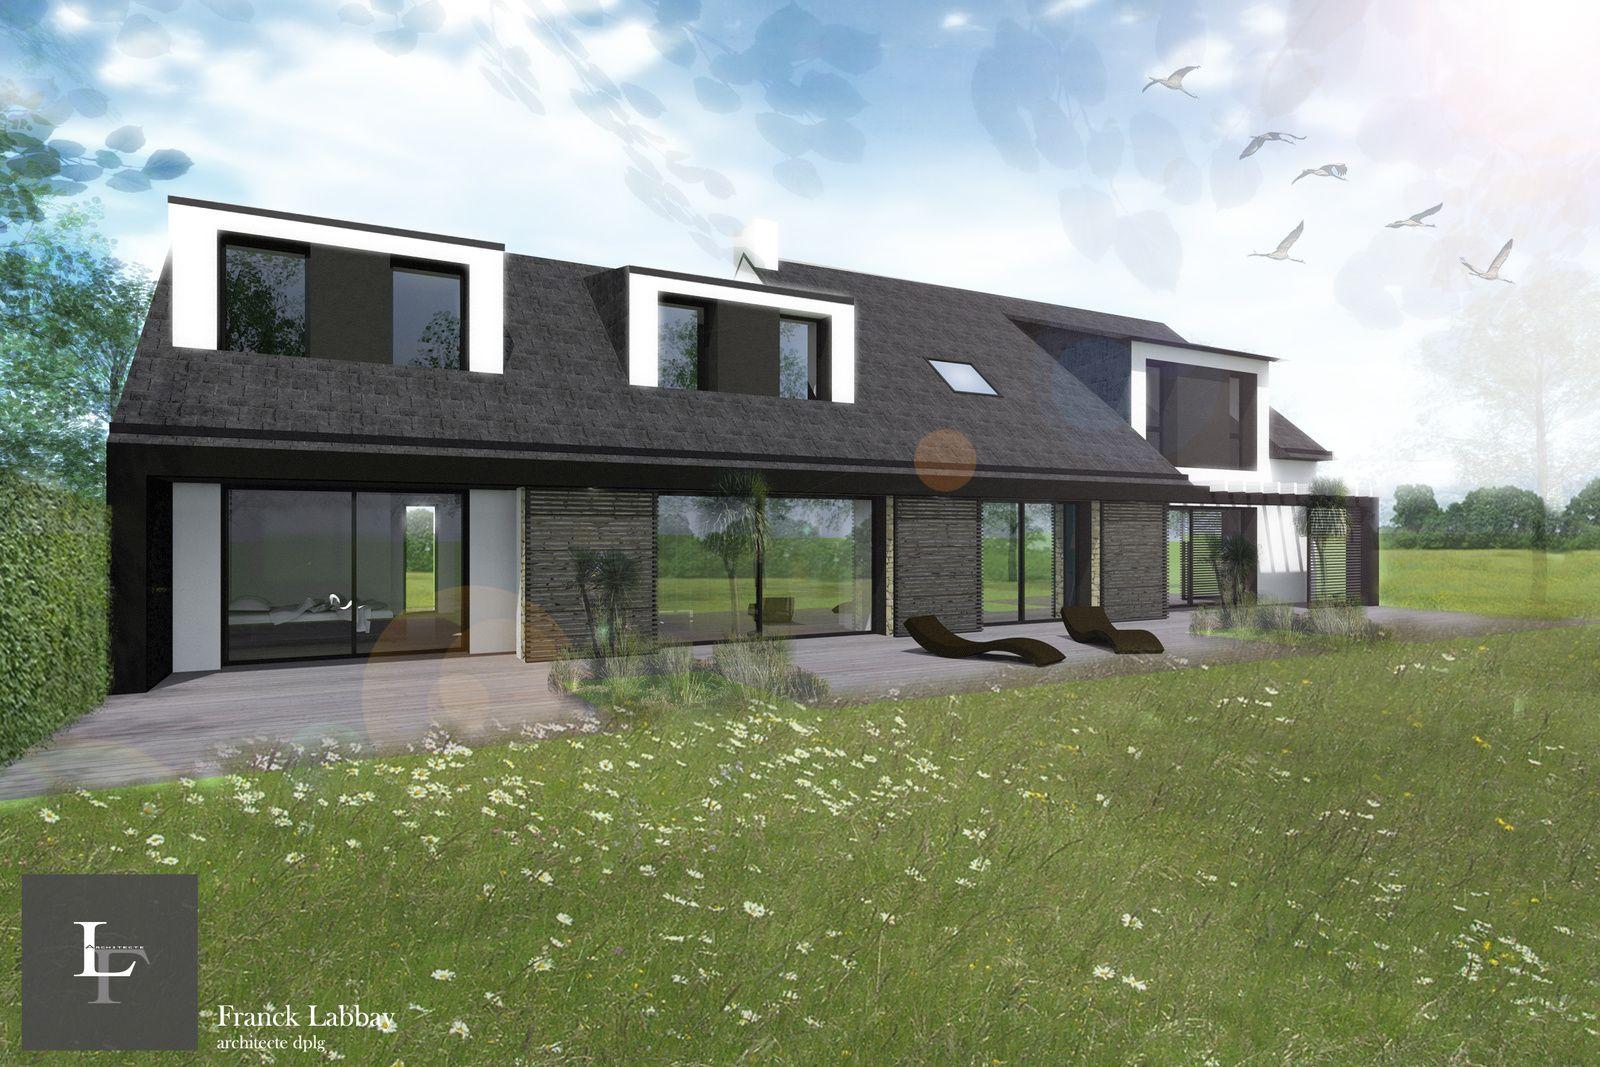 Agrandissement Maison Néo Bretonne maison b - extension et renovation d'une maison neo bretonne